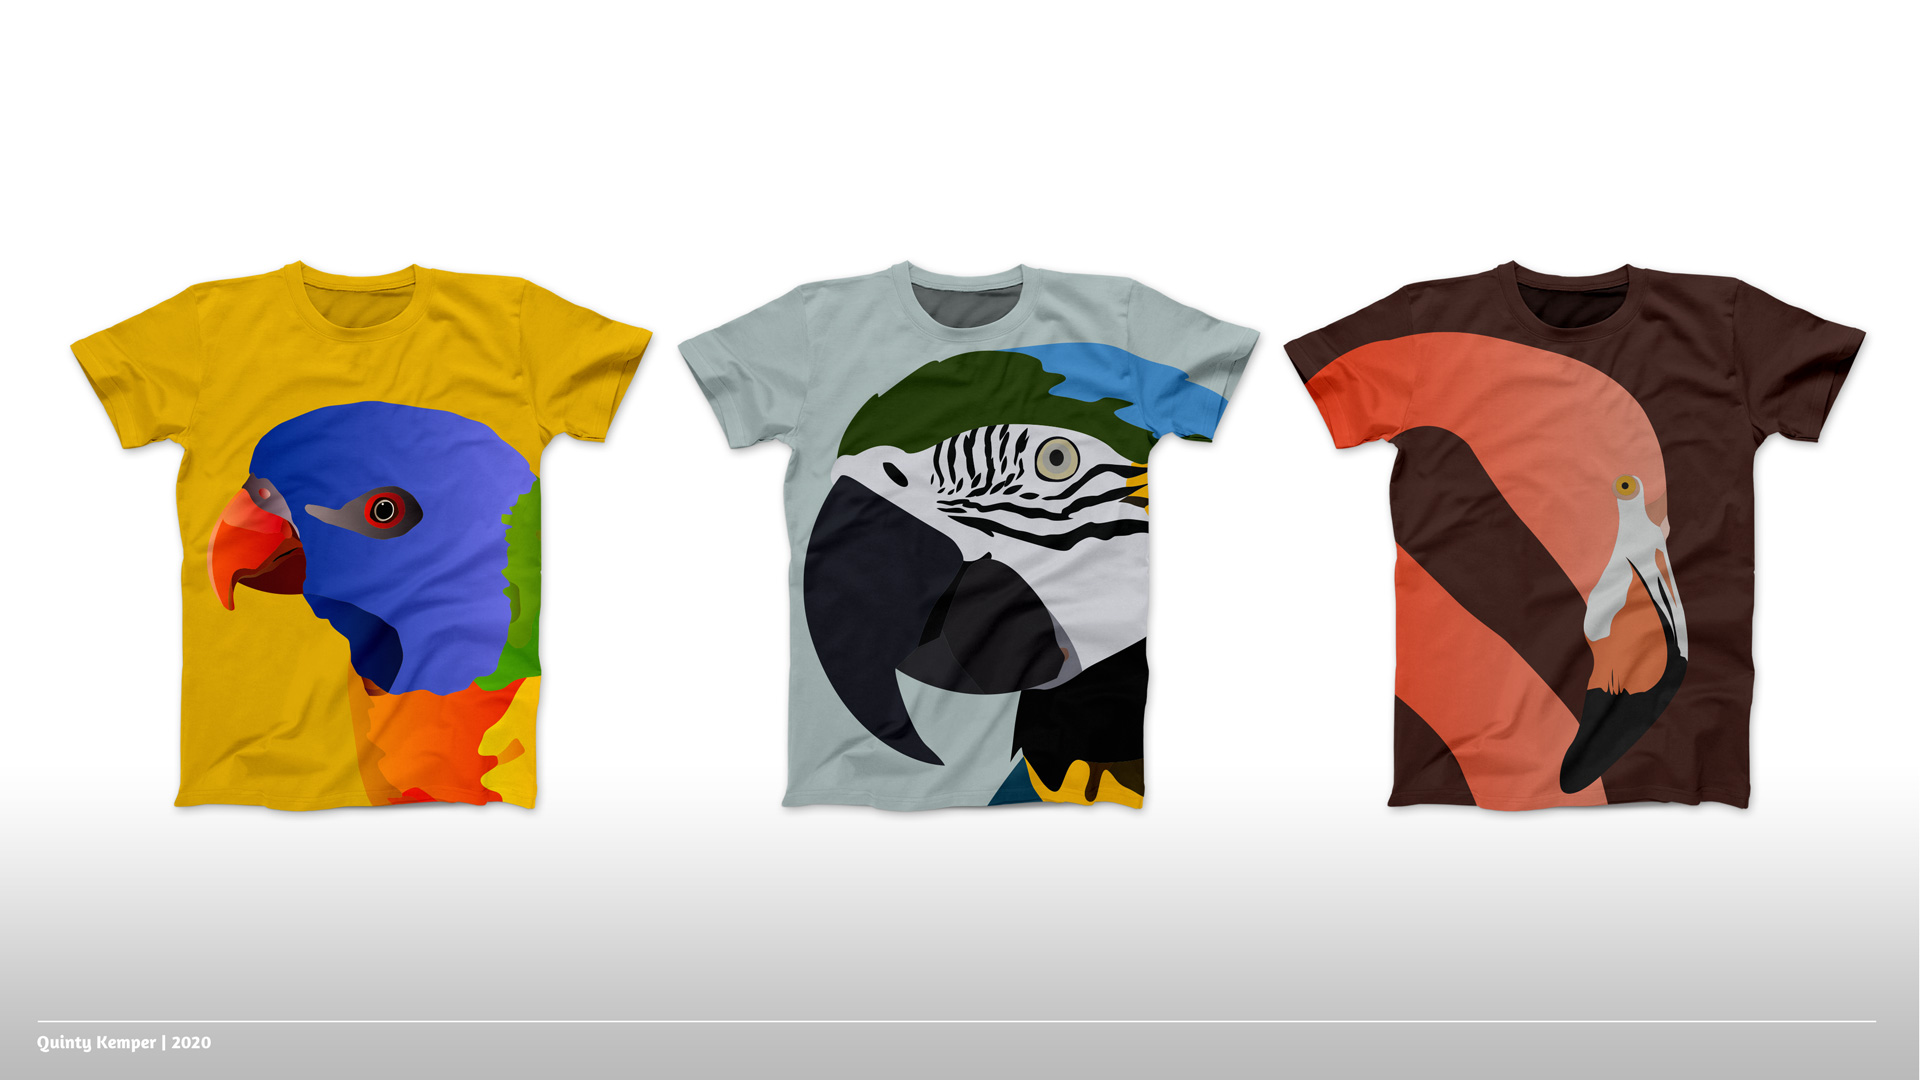 Kemper_Quinty_shirt_design_vogels